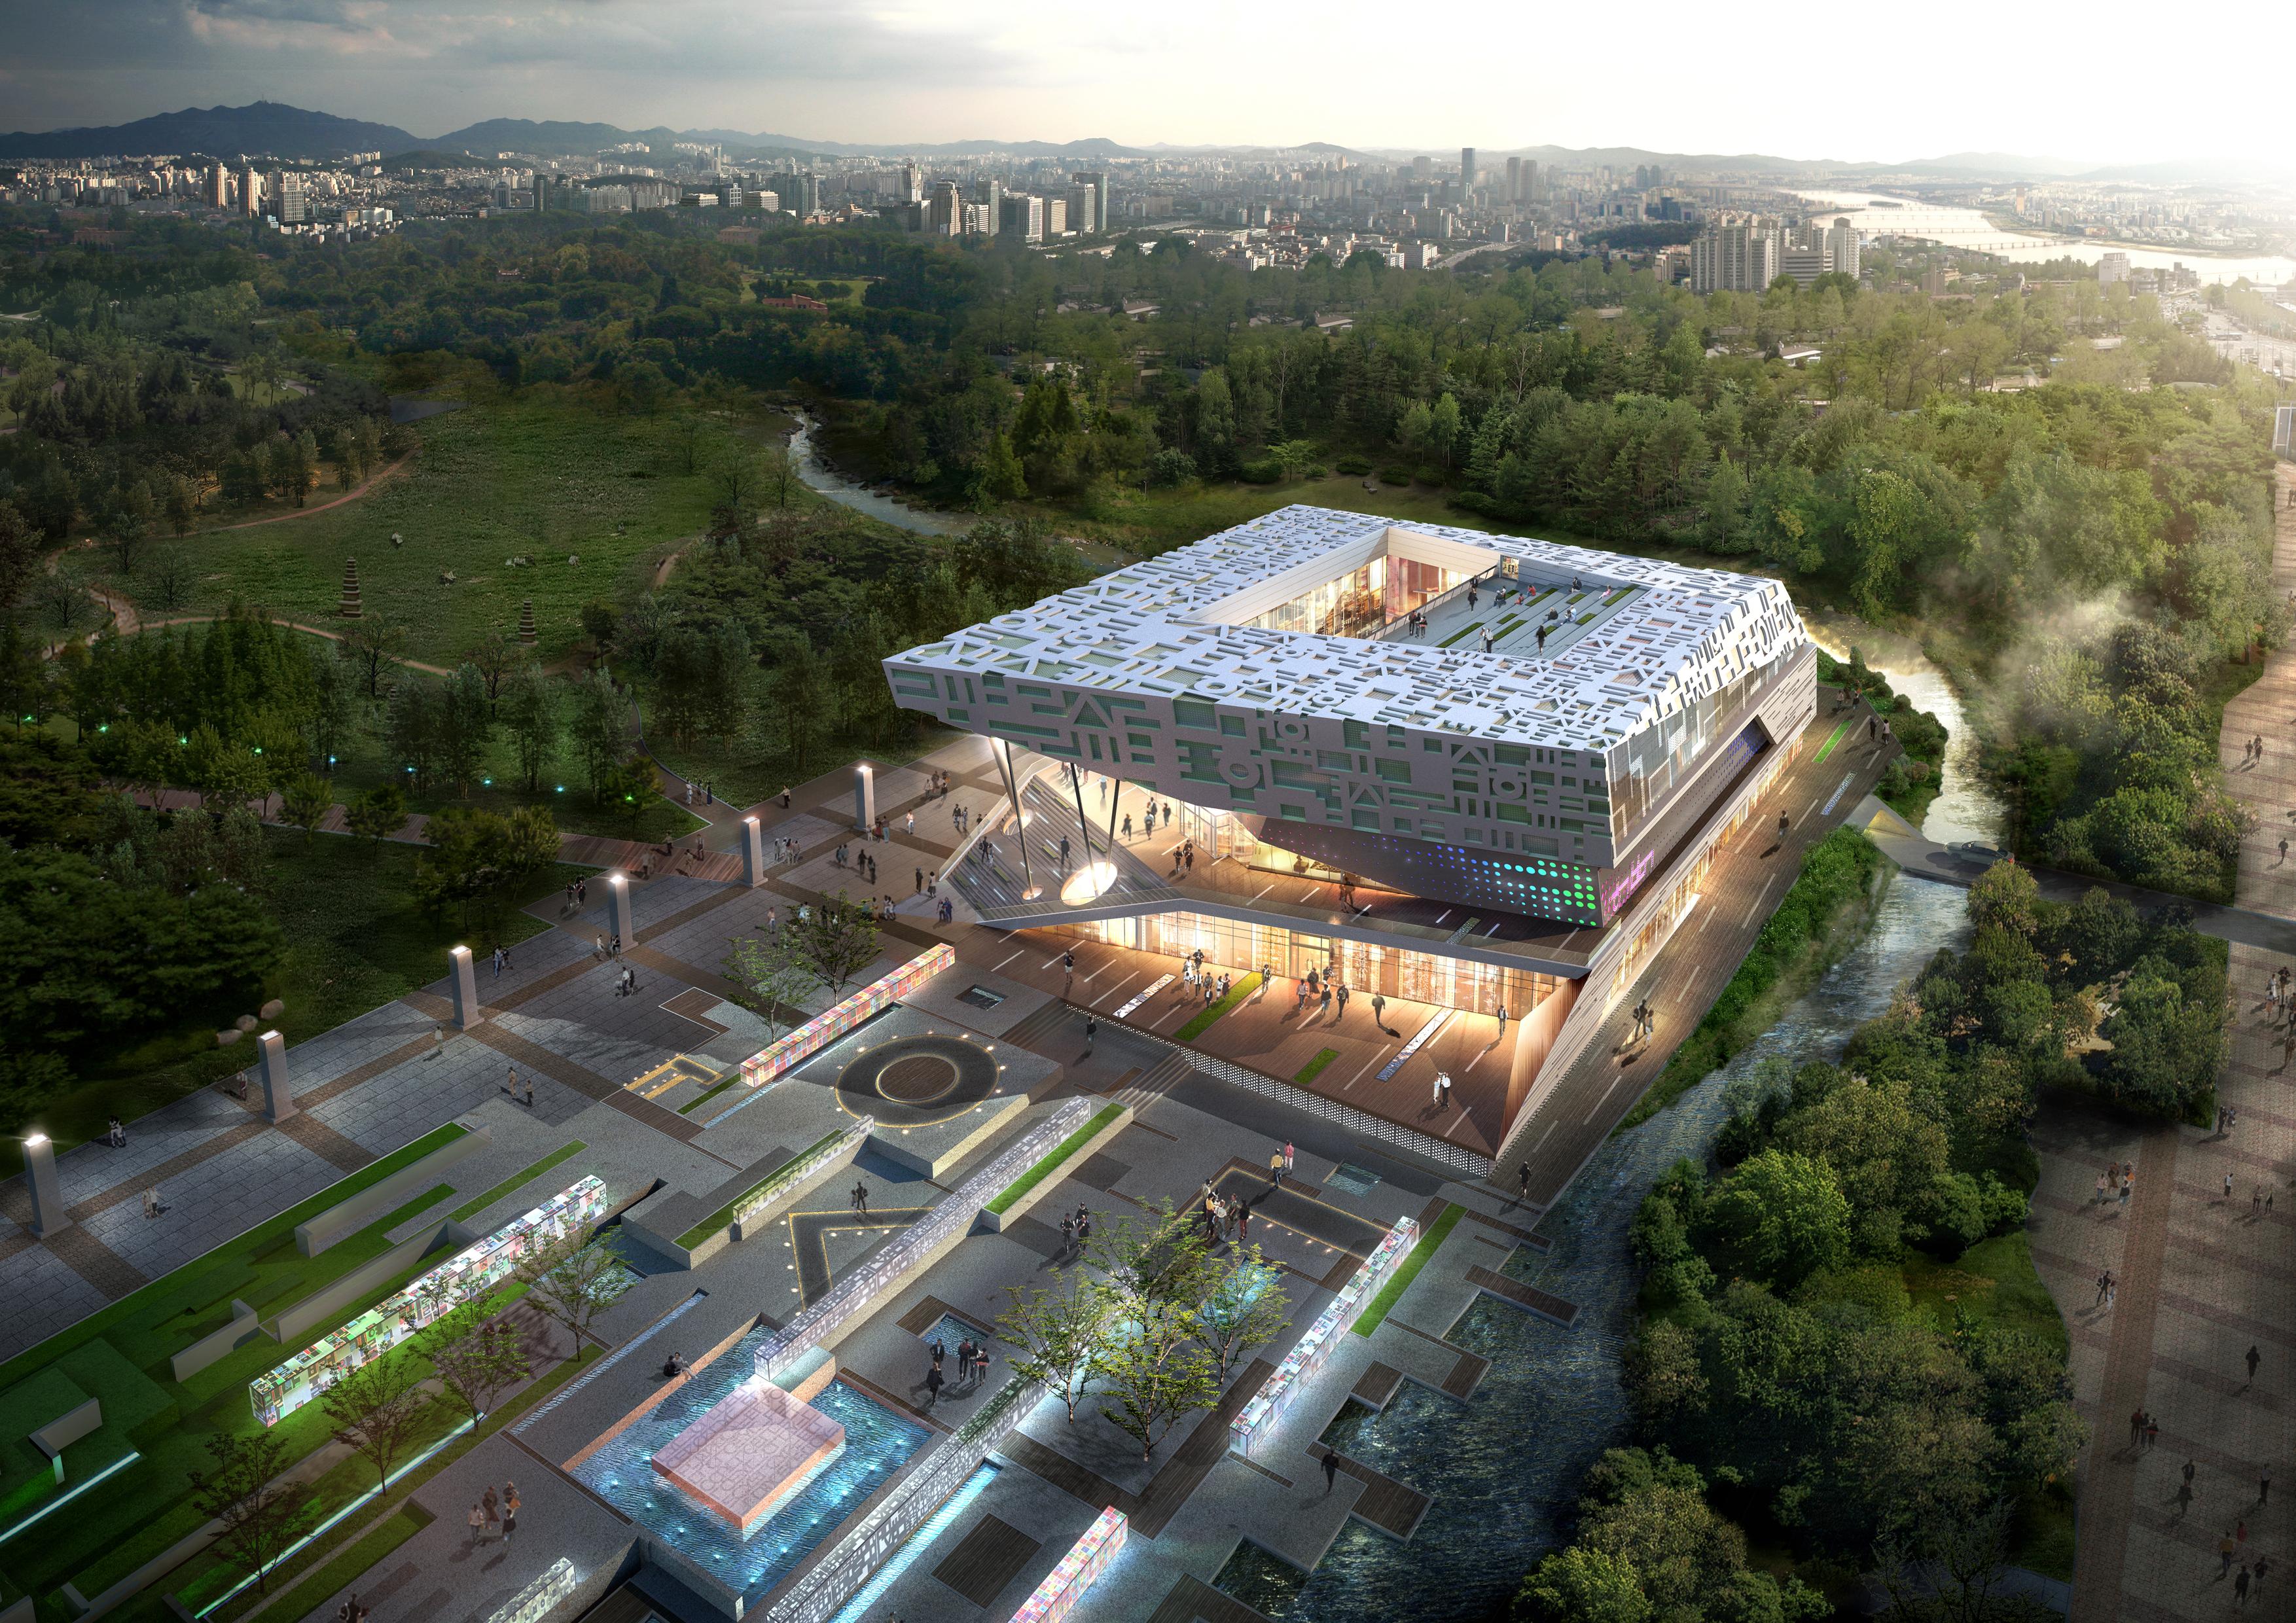 보도자료 - 『한글박물관』건립 현상설계공모 입상작 발표 ...